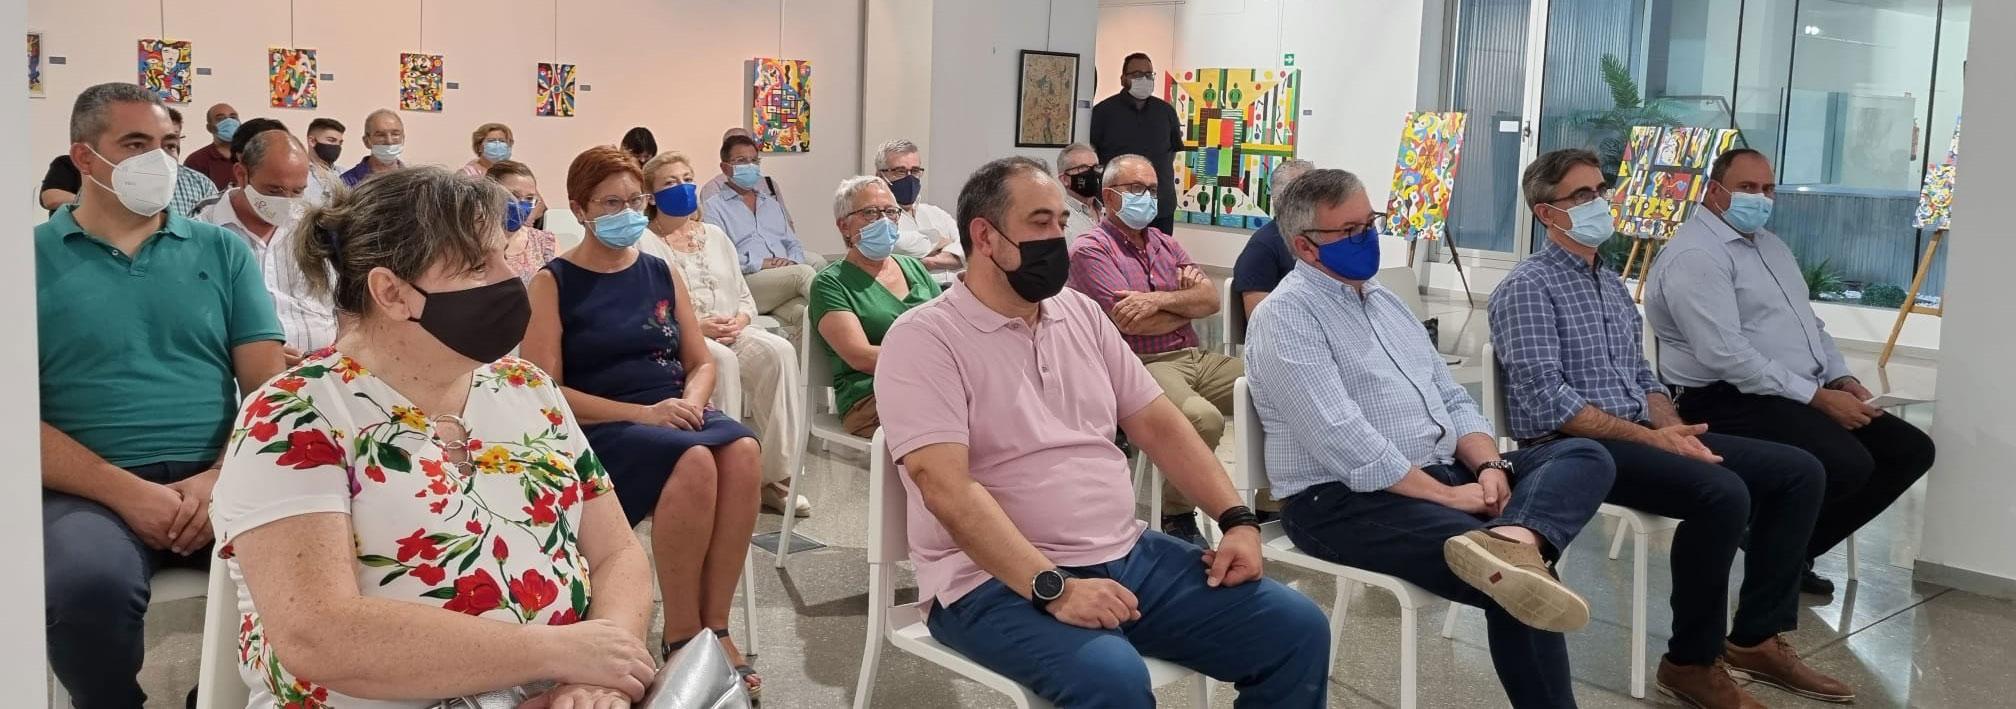 En la presentación estuvieron presentes los alcaldes de los seis municipios que conforman la Ruta del Vino Jumilla, junto a su presidente, Sebastián García y el presidente del Consejo Regulador Vinos DOP Jumilla, Silvano García